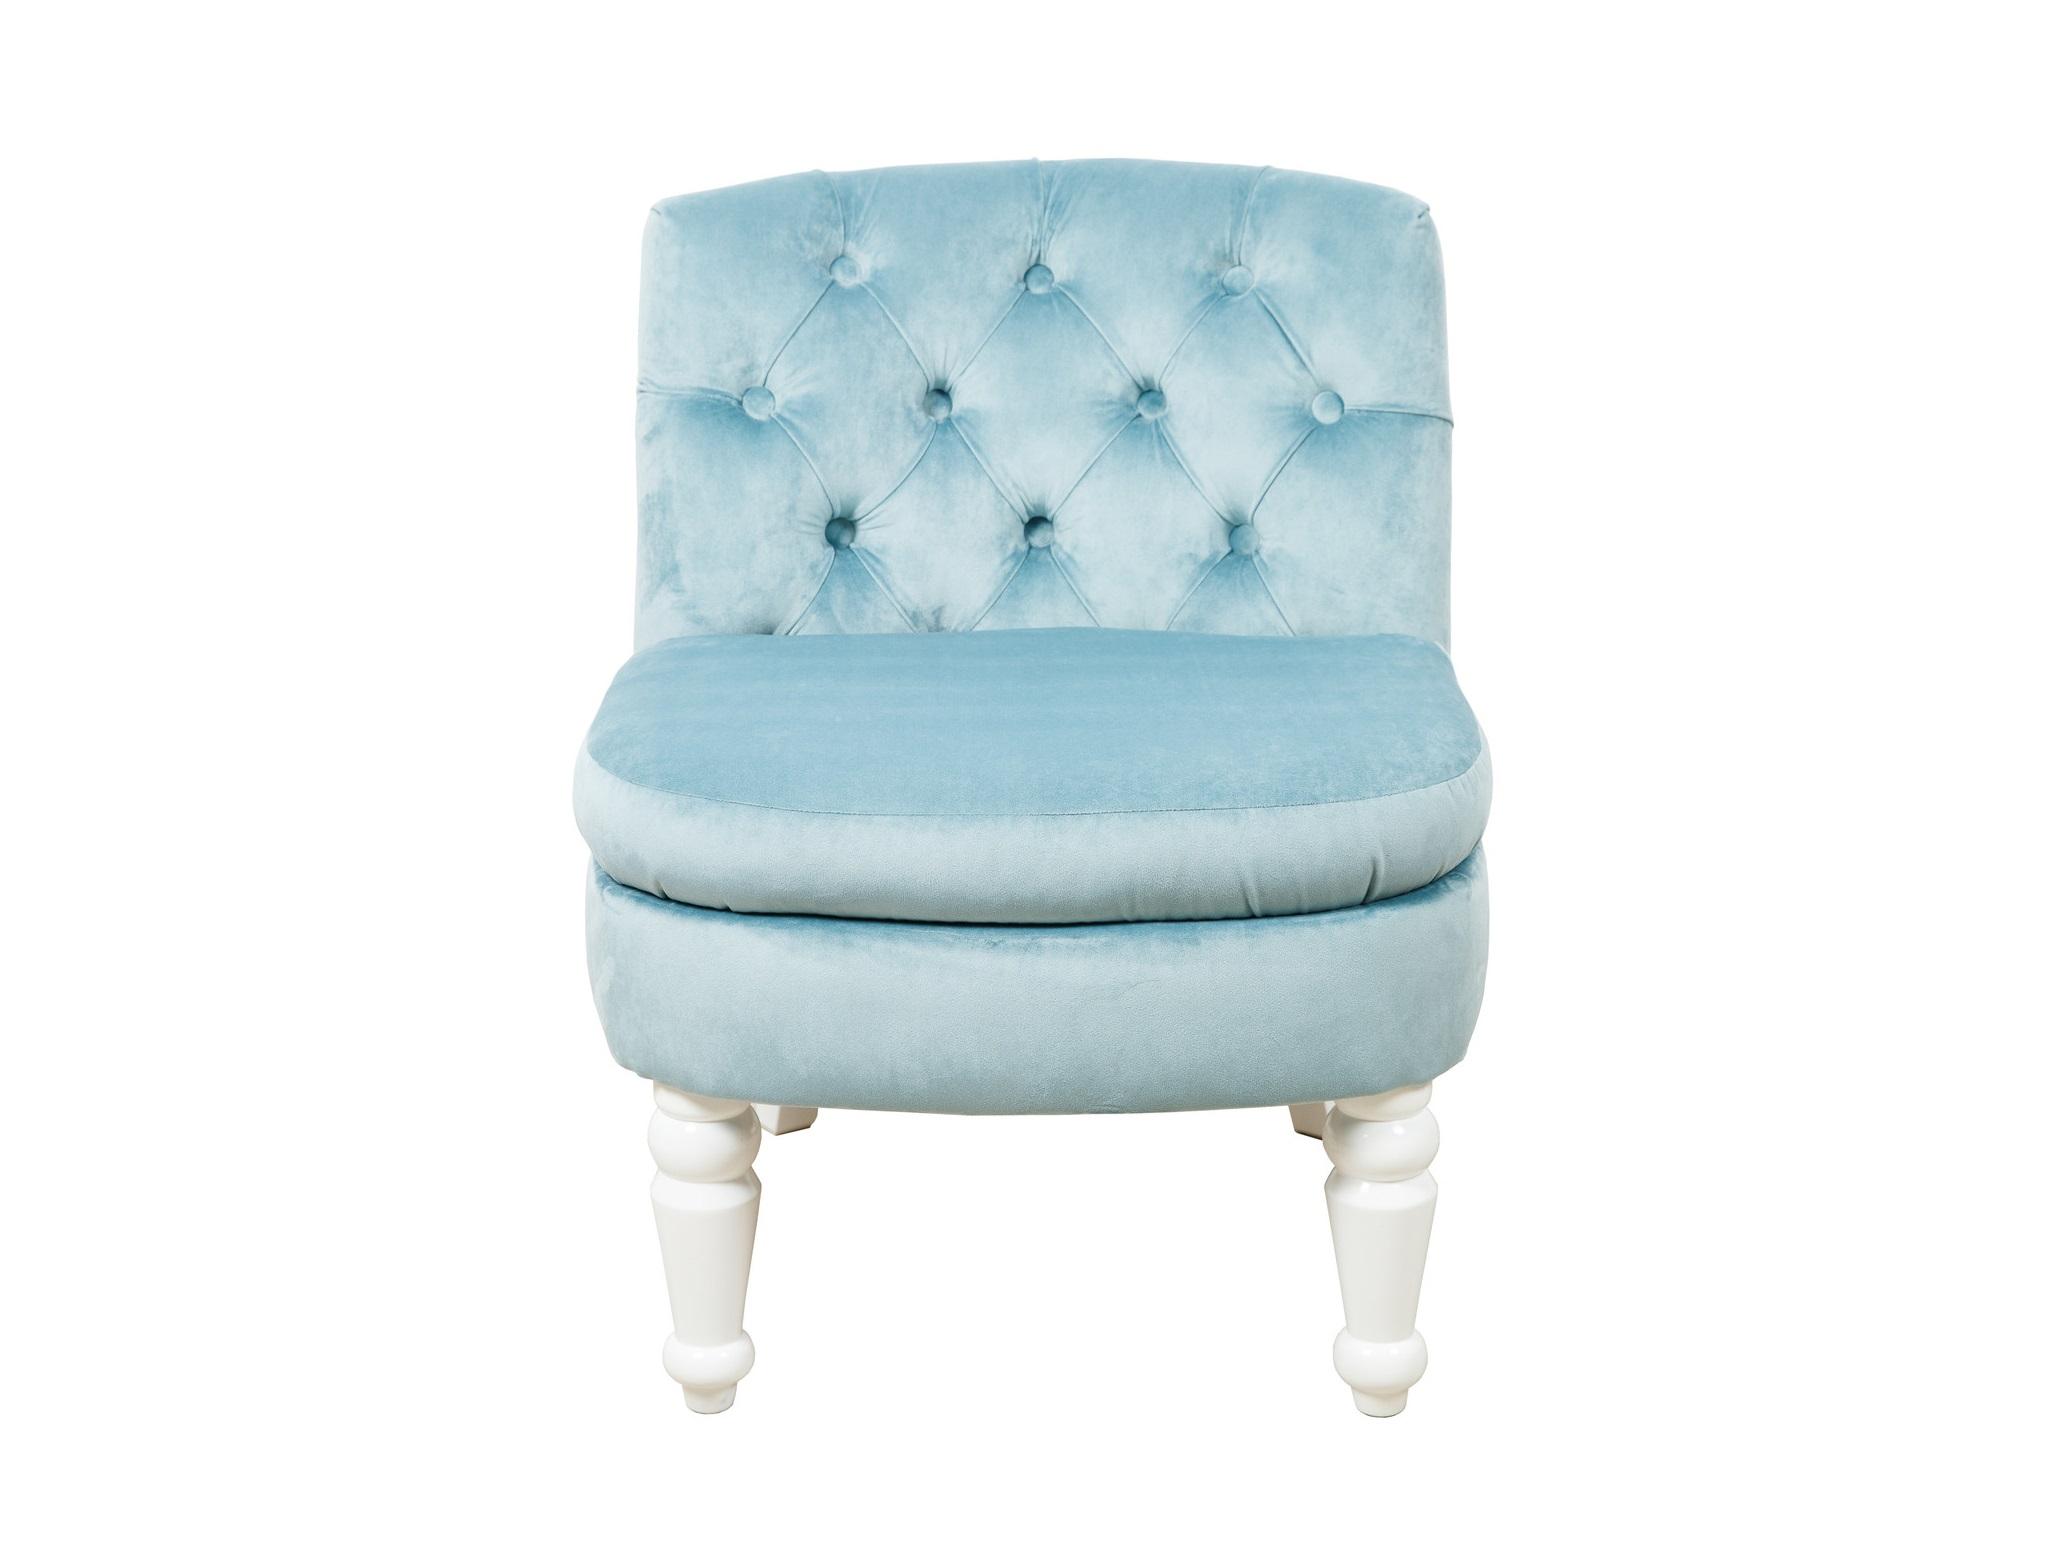 Кресло ShineПолукресла<br><br><br>Material: Текстиль<br>Ширина см: 70.0<br>Высота см: 60.0<br>Глубина см: 61.0